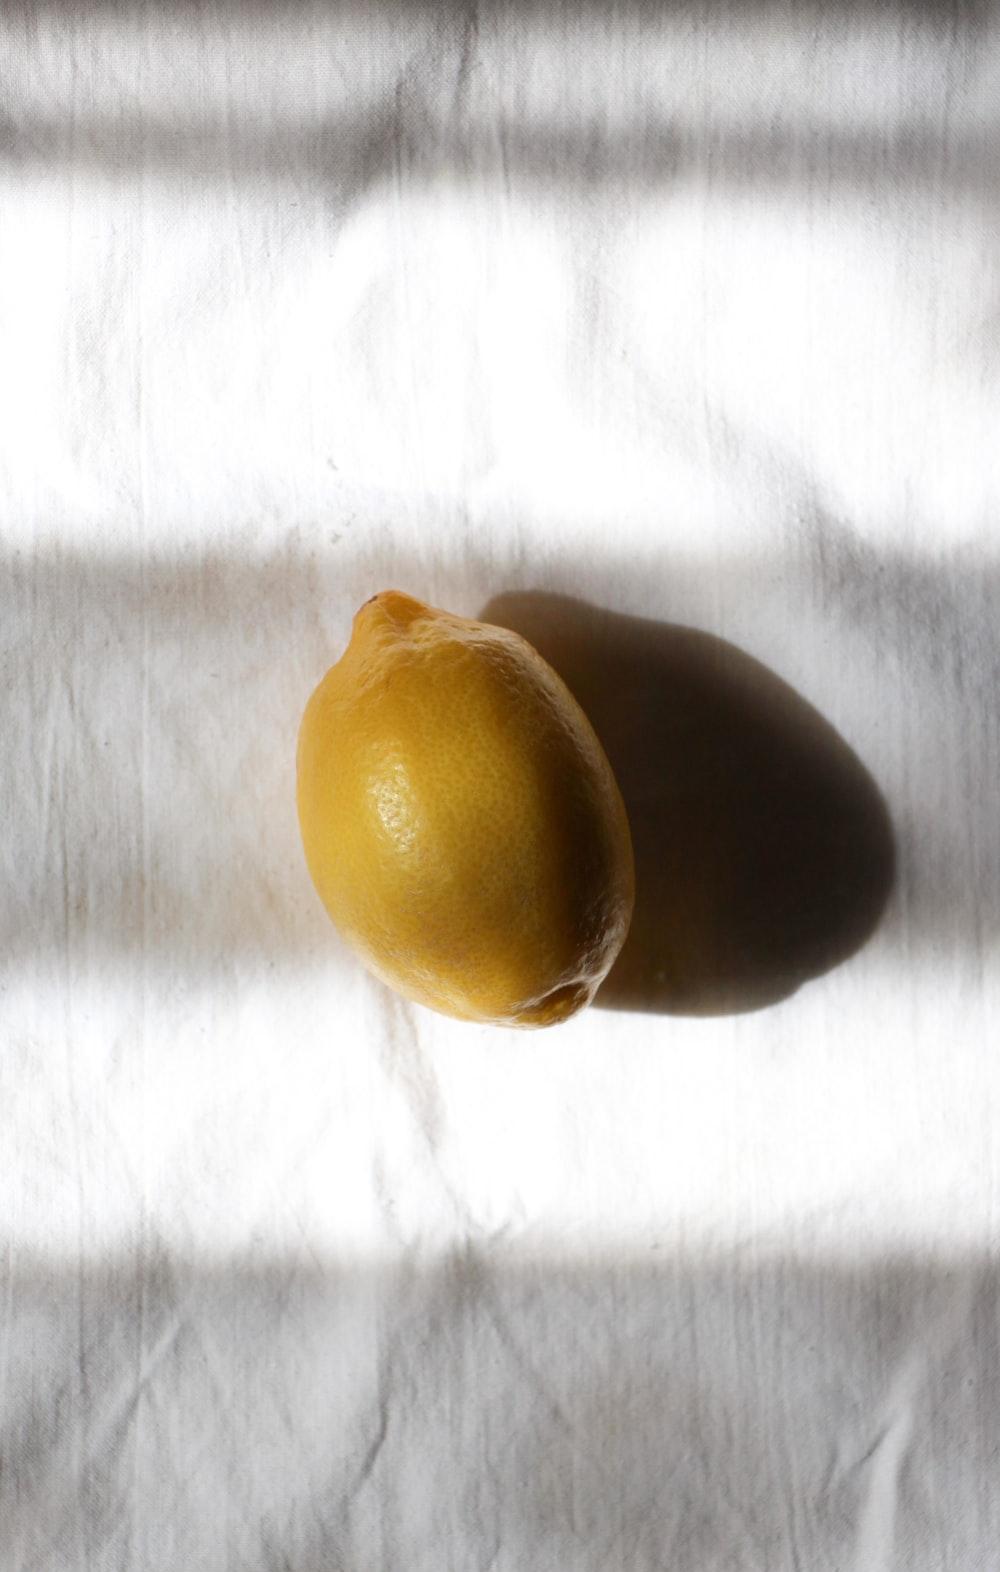 yellow fruit on white textile